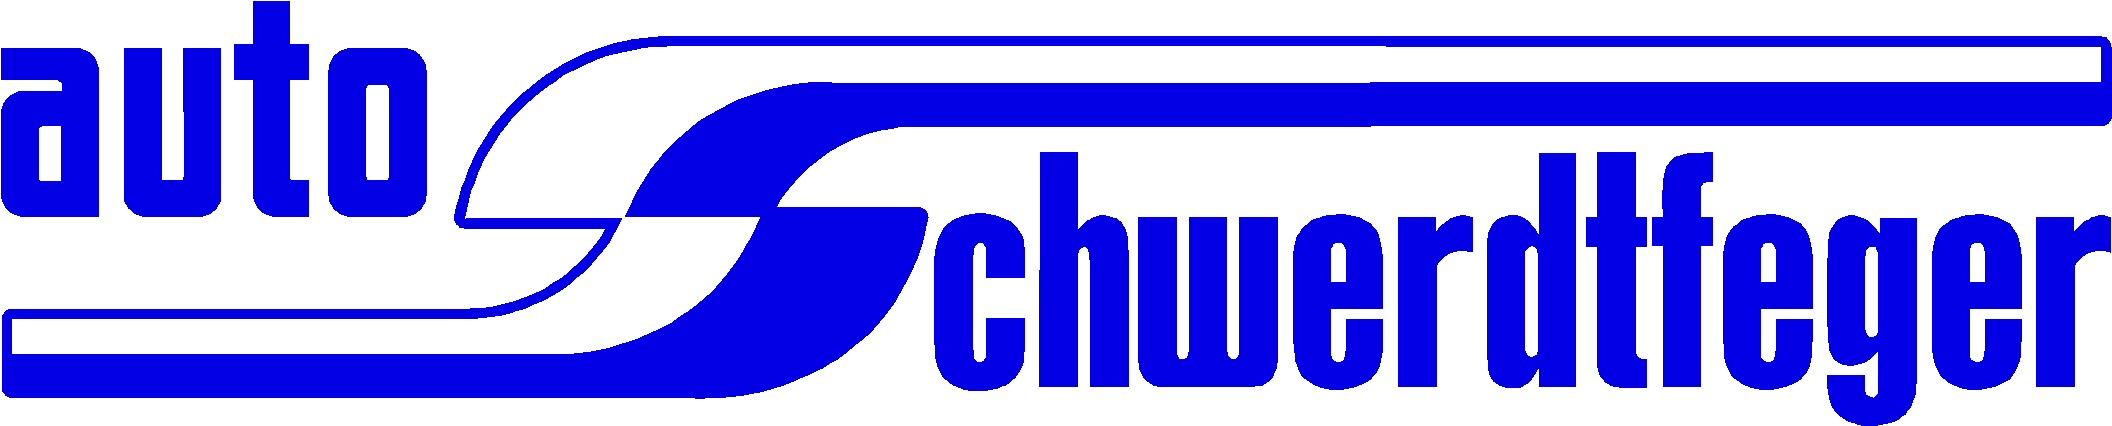 schwerdtfeger_logo_vollflächig